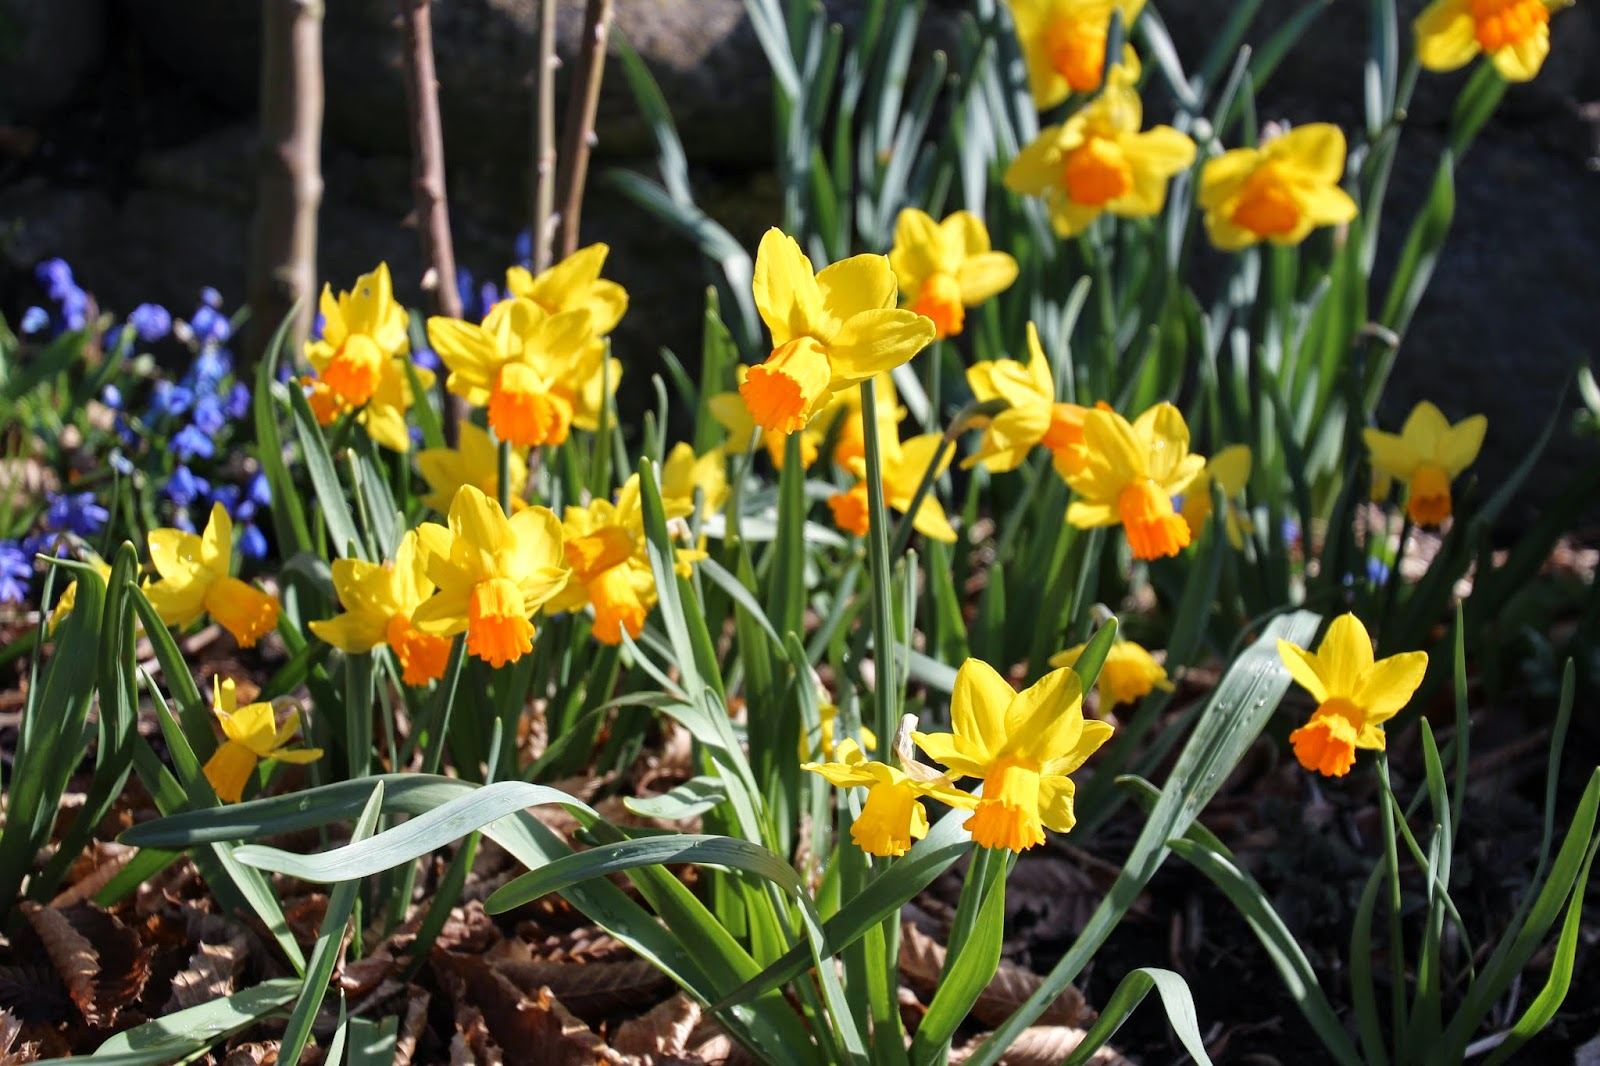 Cyklamennarciss Narcissus cyclamineus jetfire